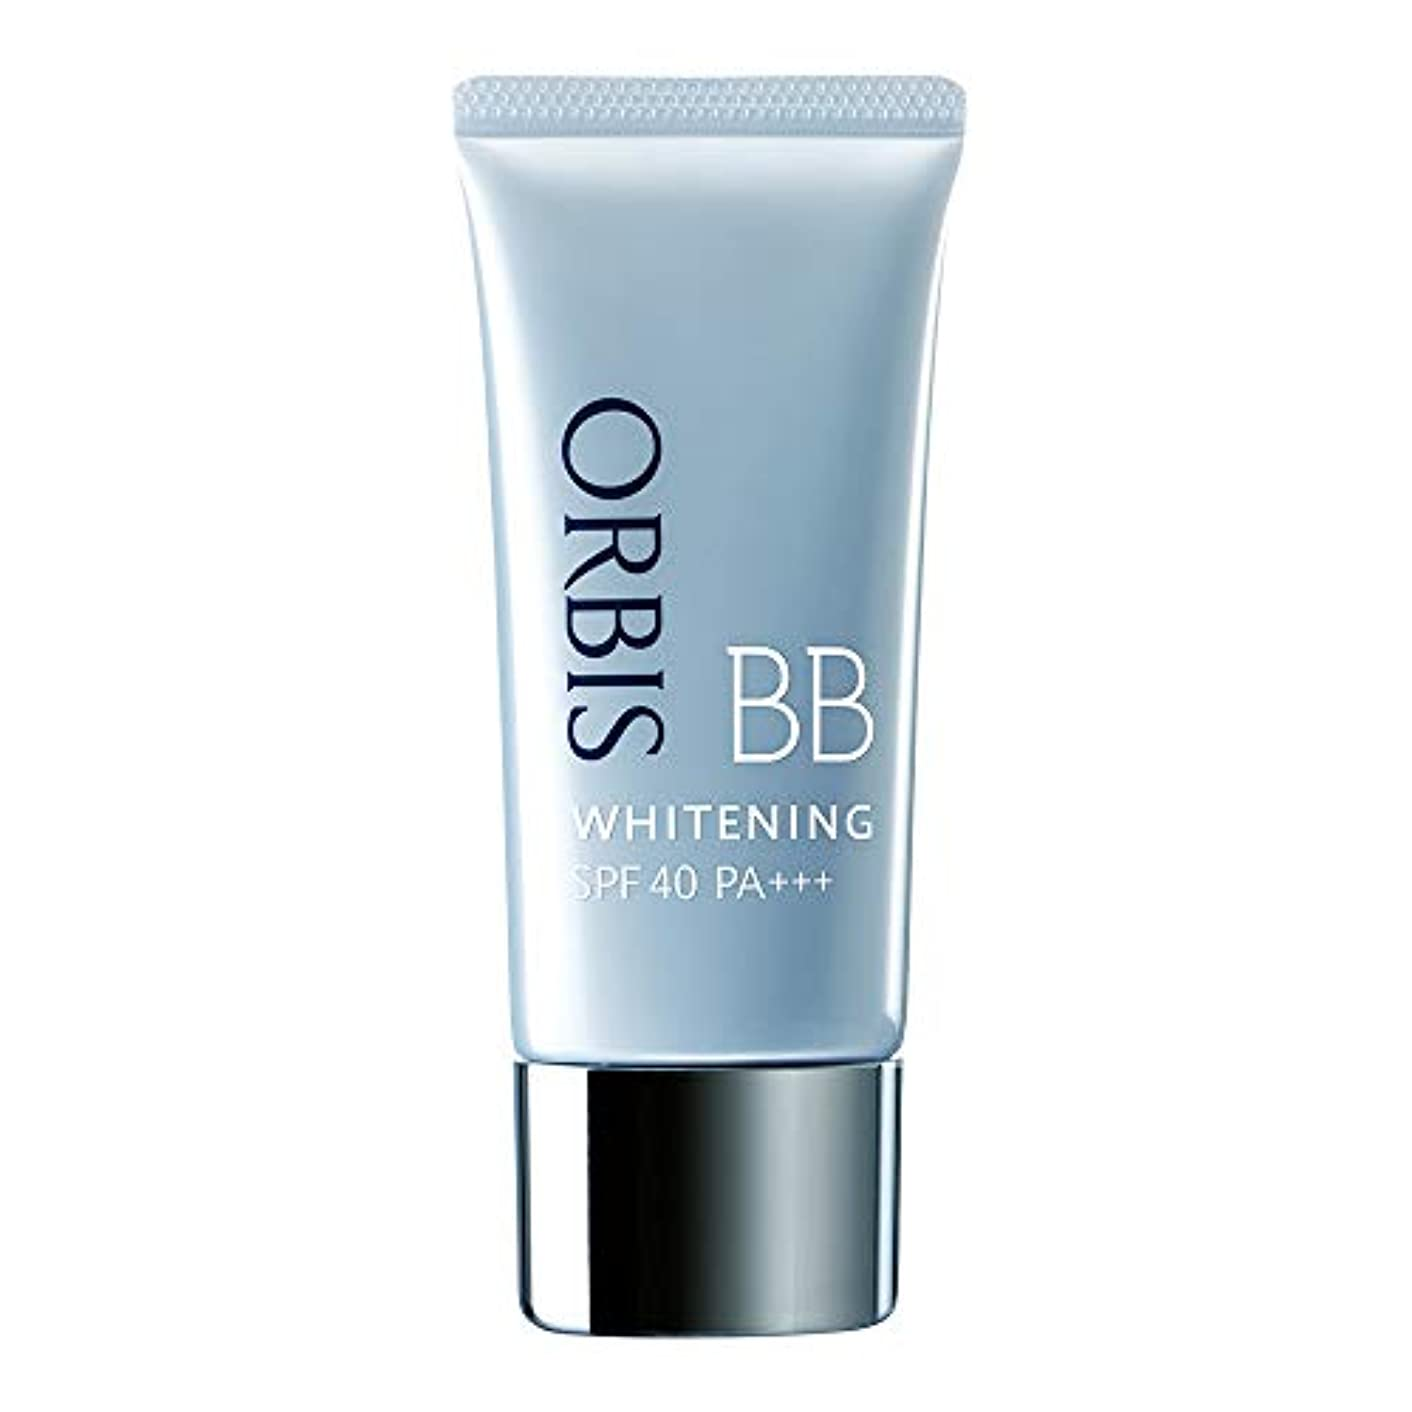 カップル受信機マイクロフォンオルビス(ORBIS) ホワイトニングBB(パフなし)ナチュラル 35g SPF40/PA+++ ◎薬用美白BBクリーム◎ [医薬部外品]